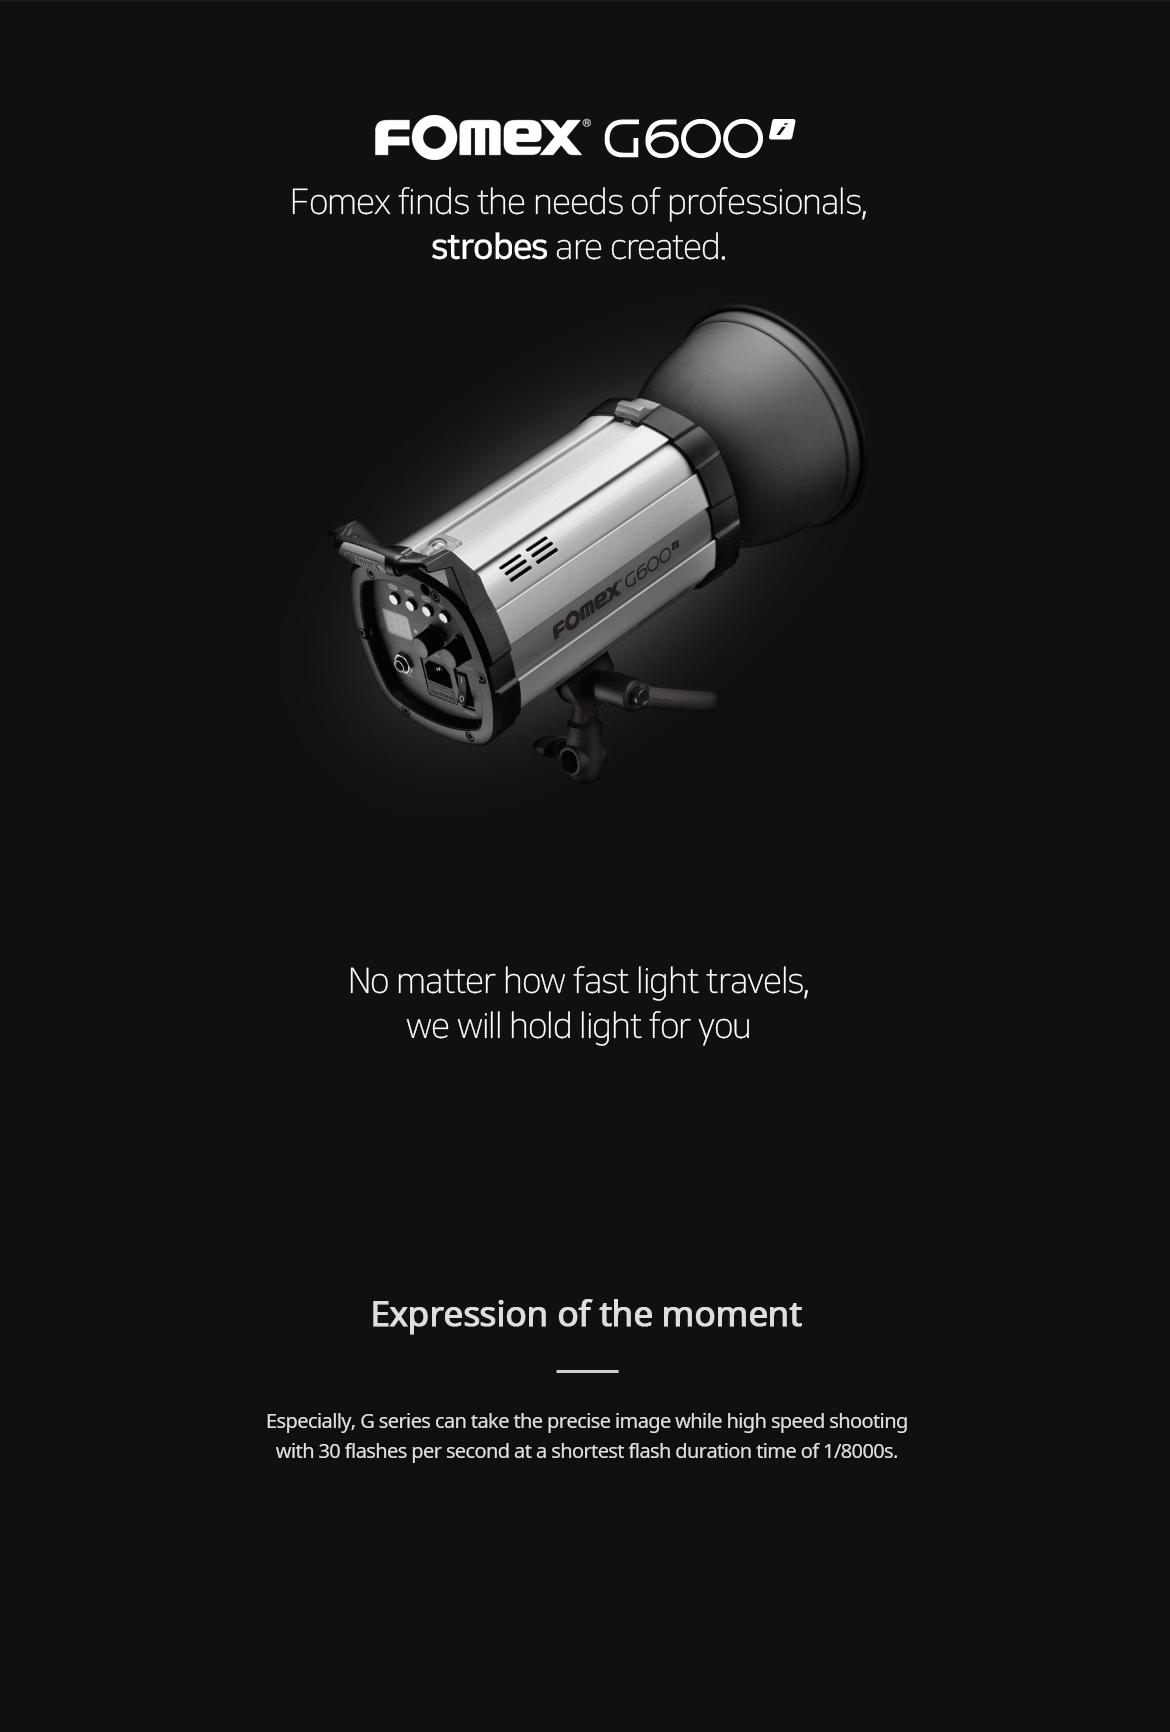 فلاش استودیویی 600 ژول فومکس (Fomex G Studio Flash 600ws (G600